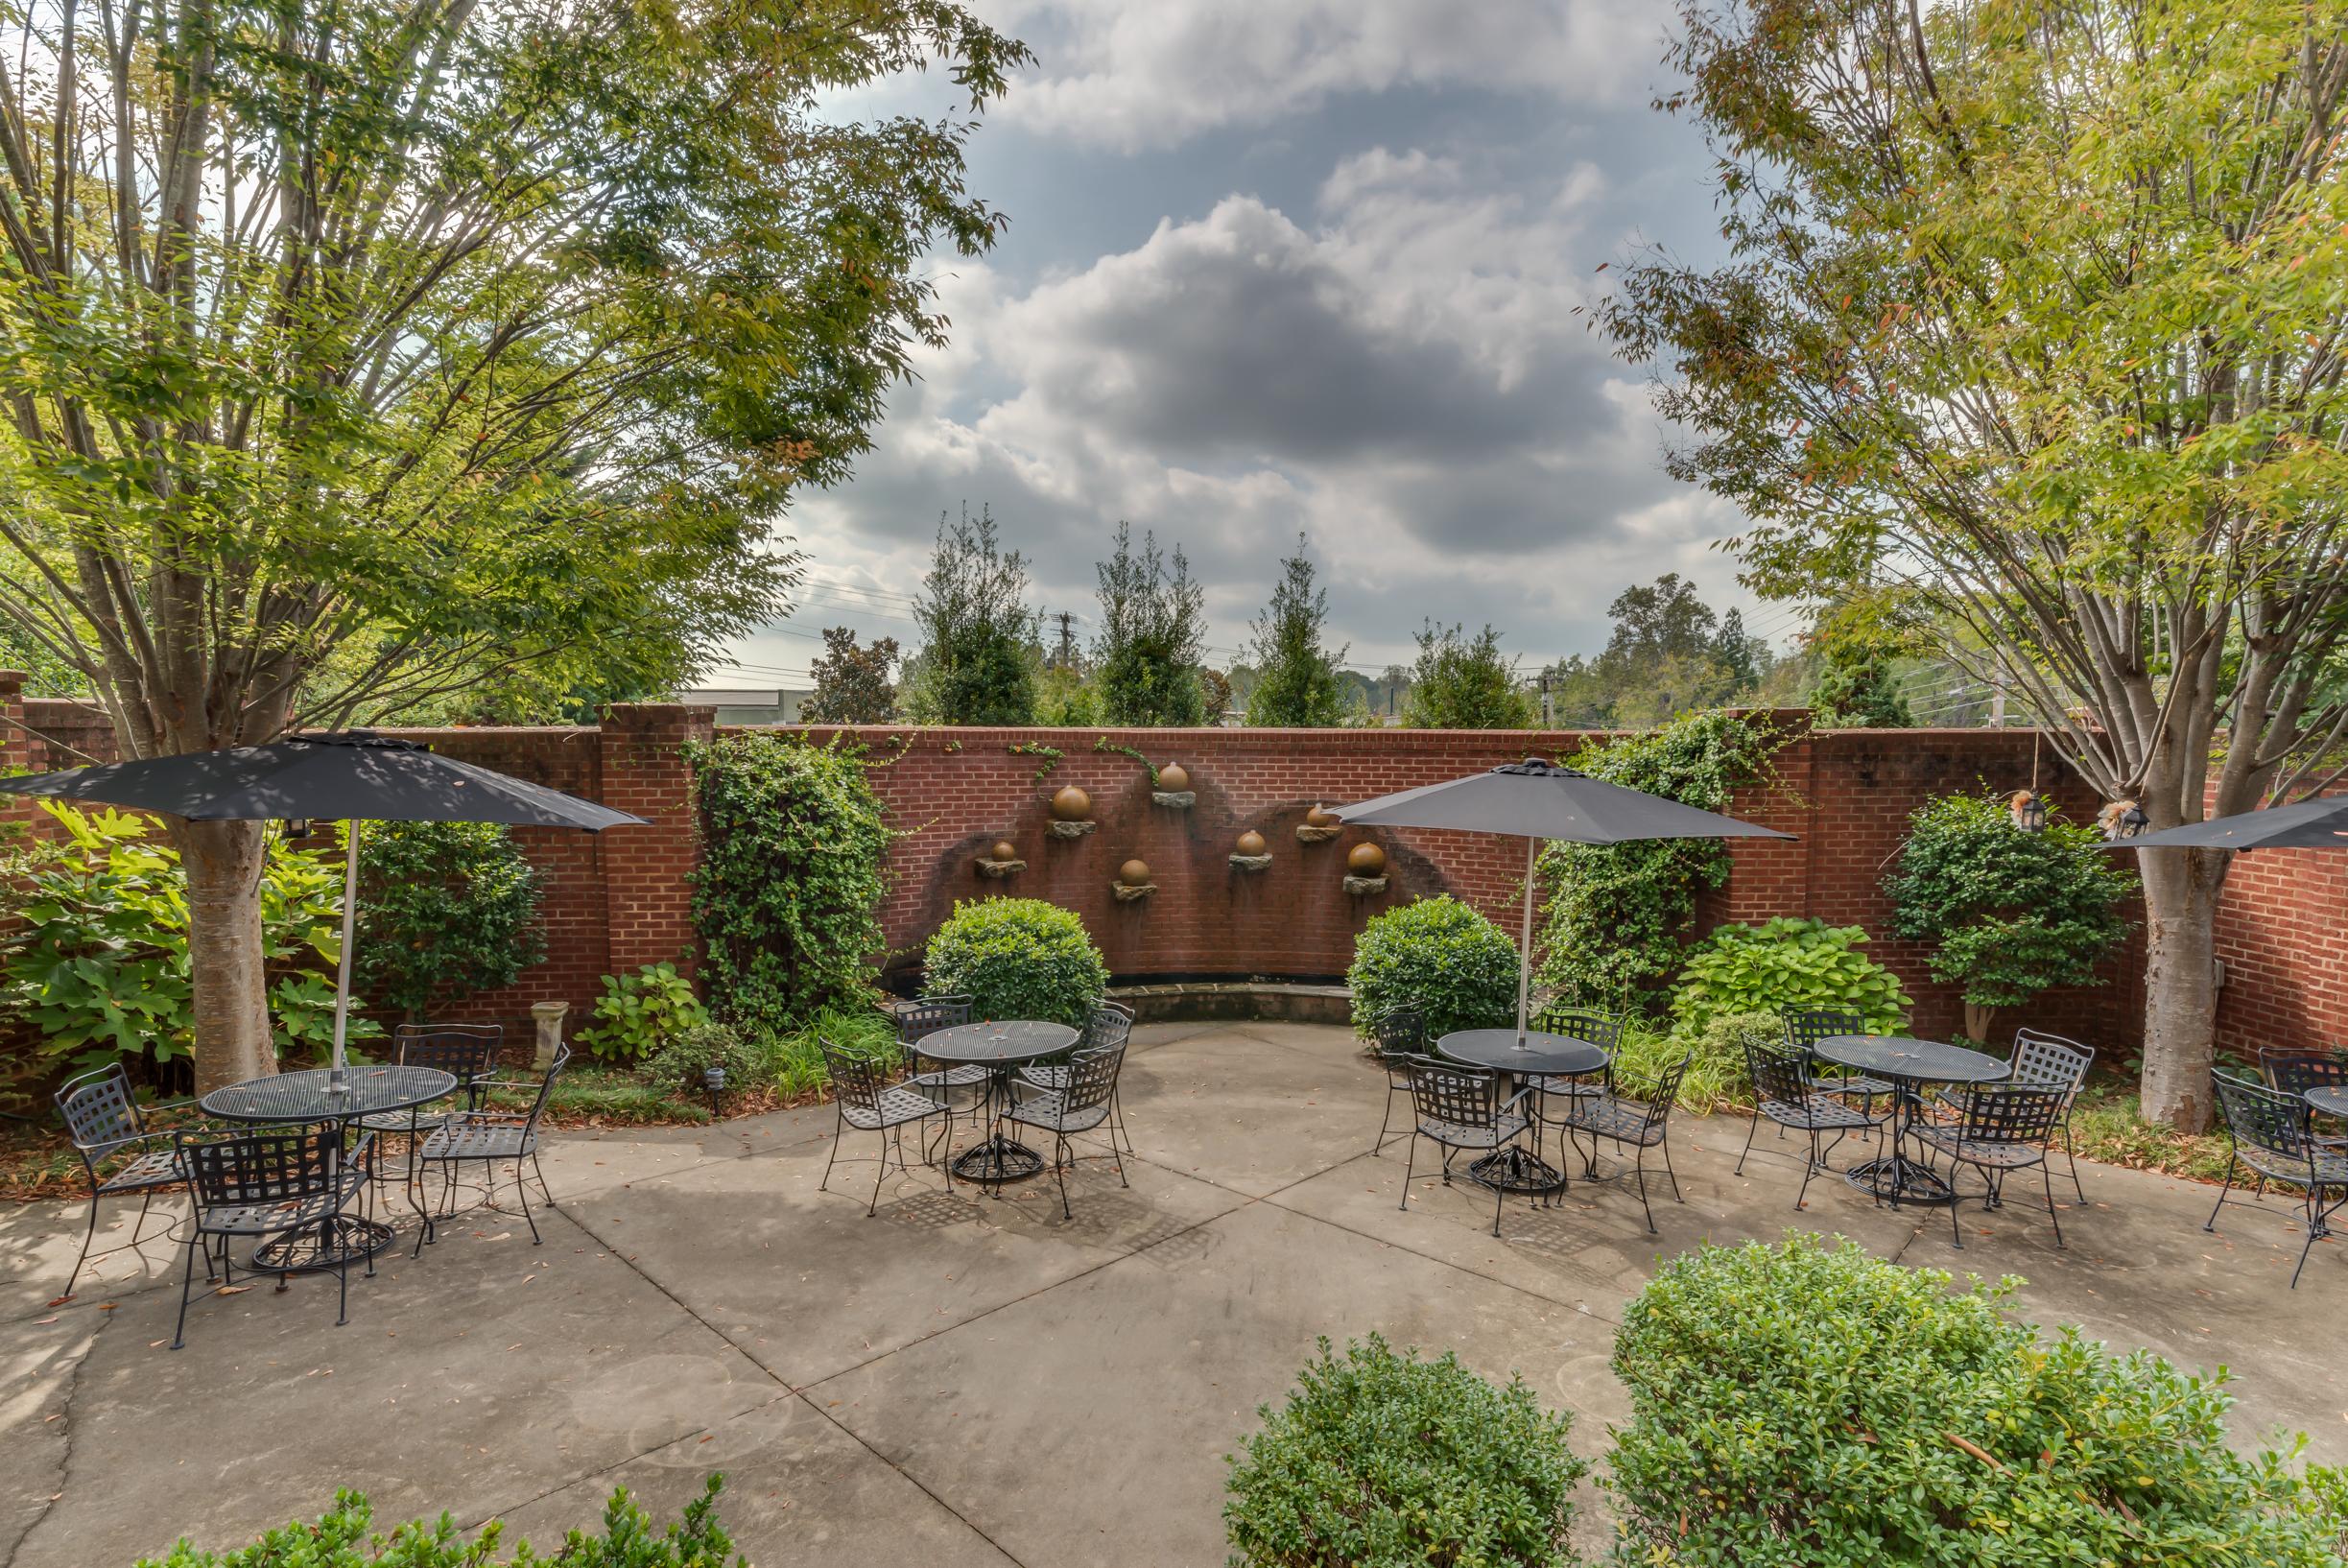 Courtyard area at Firehouse Inn